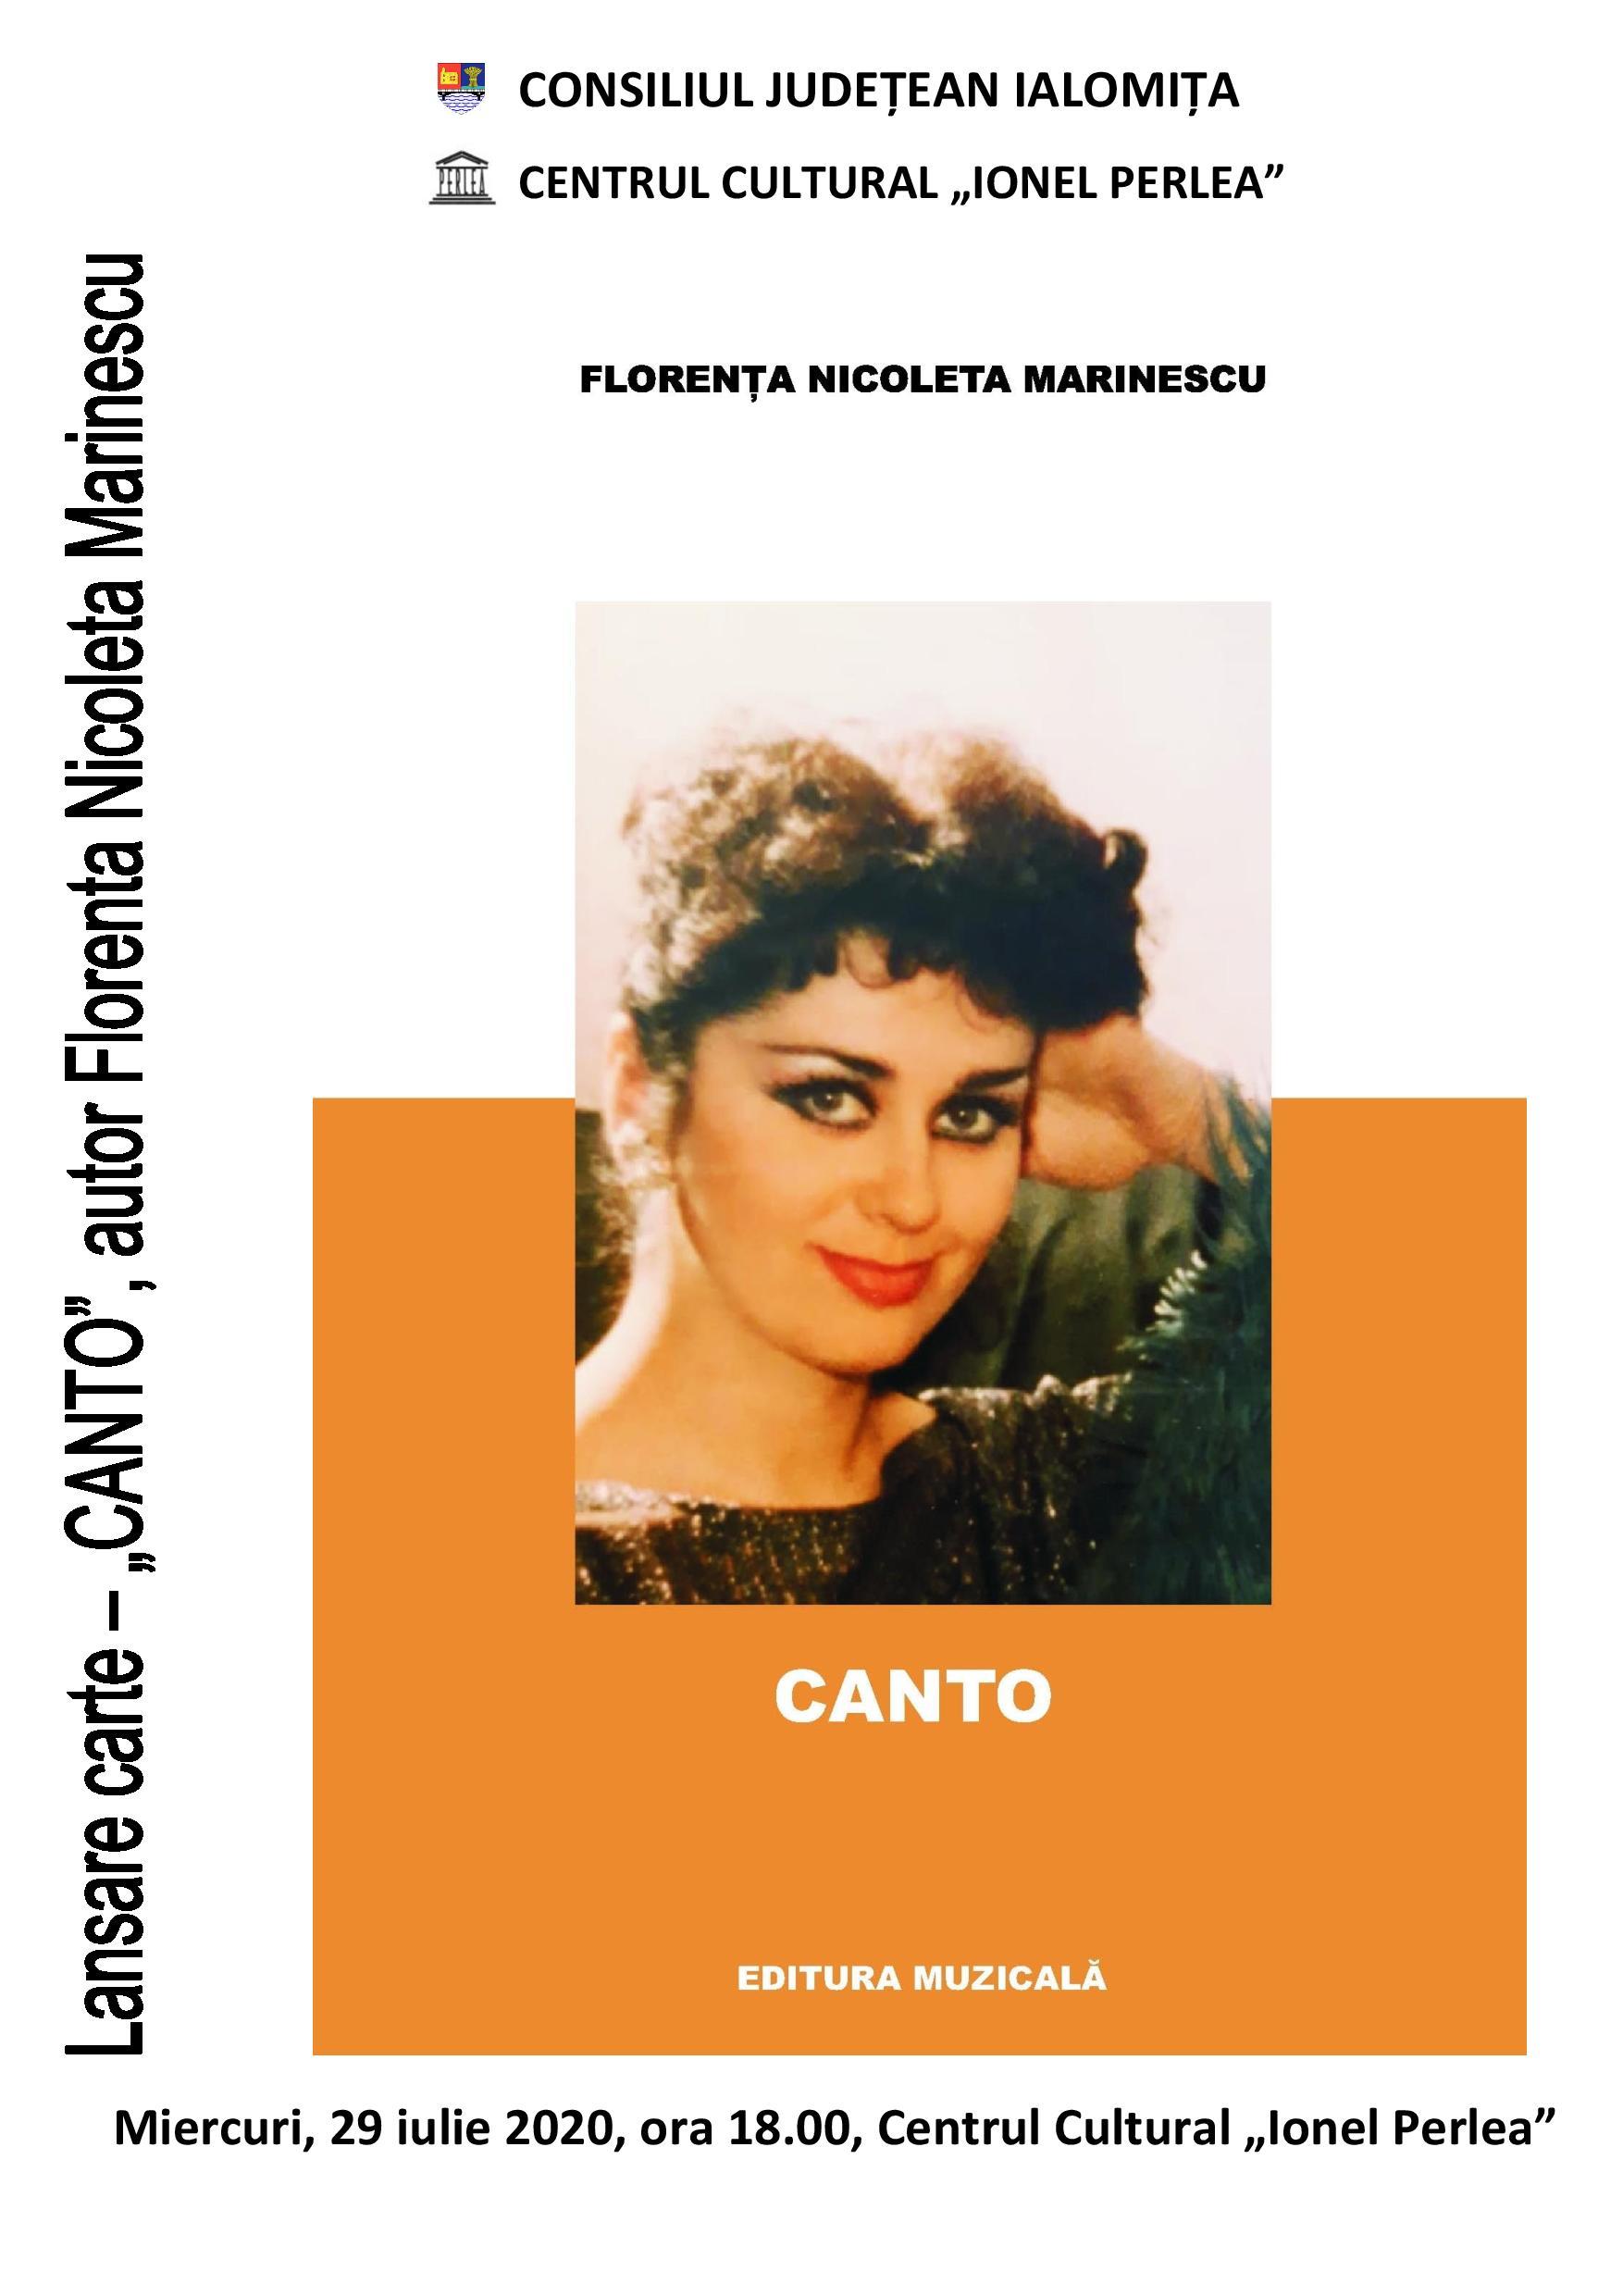 """Lansare de carte – ,,CANTO"""", autor Florenţa Nicoleta Marinescu, 29 iulie 2020, ora 18:00, Centrul Cultural ,,Ionel Perlea"""""""